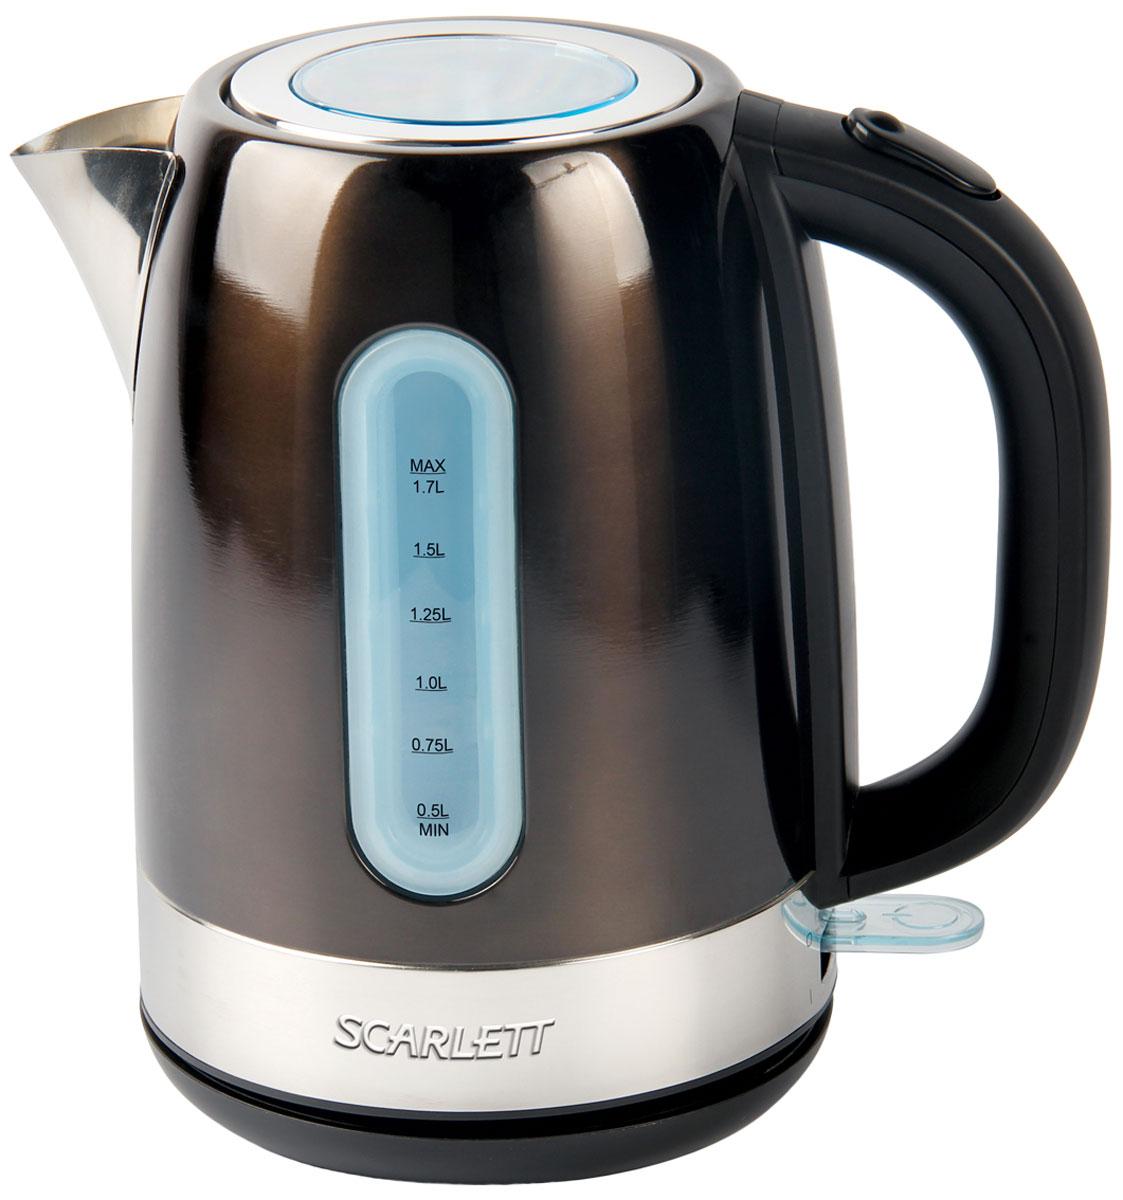 Scarlett SC-EK21S39, Dark Olive электрический чайникSC-EK21S39Электрический чайник Scarlett SC-EK21S39 кипятит воду быстро, чтобы сэкономить ваше время. Корпус из высококачественной матовой нержавеющей стали сохраняет природные свойства воды. Применение современных материалов обеспечивает долговечность и высокие потребительские качества. Резервуар изделия имеет хорошую вместительность - его объём составляет 1,7 литра. Высокая мощность - 2200 Вт - обеспечивает хорошую скорость закипания. Большое смотровое окно в крышке разработано для контроля процесса кипячения.